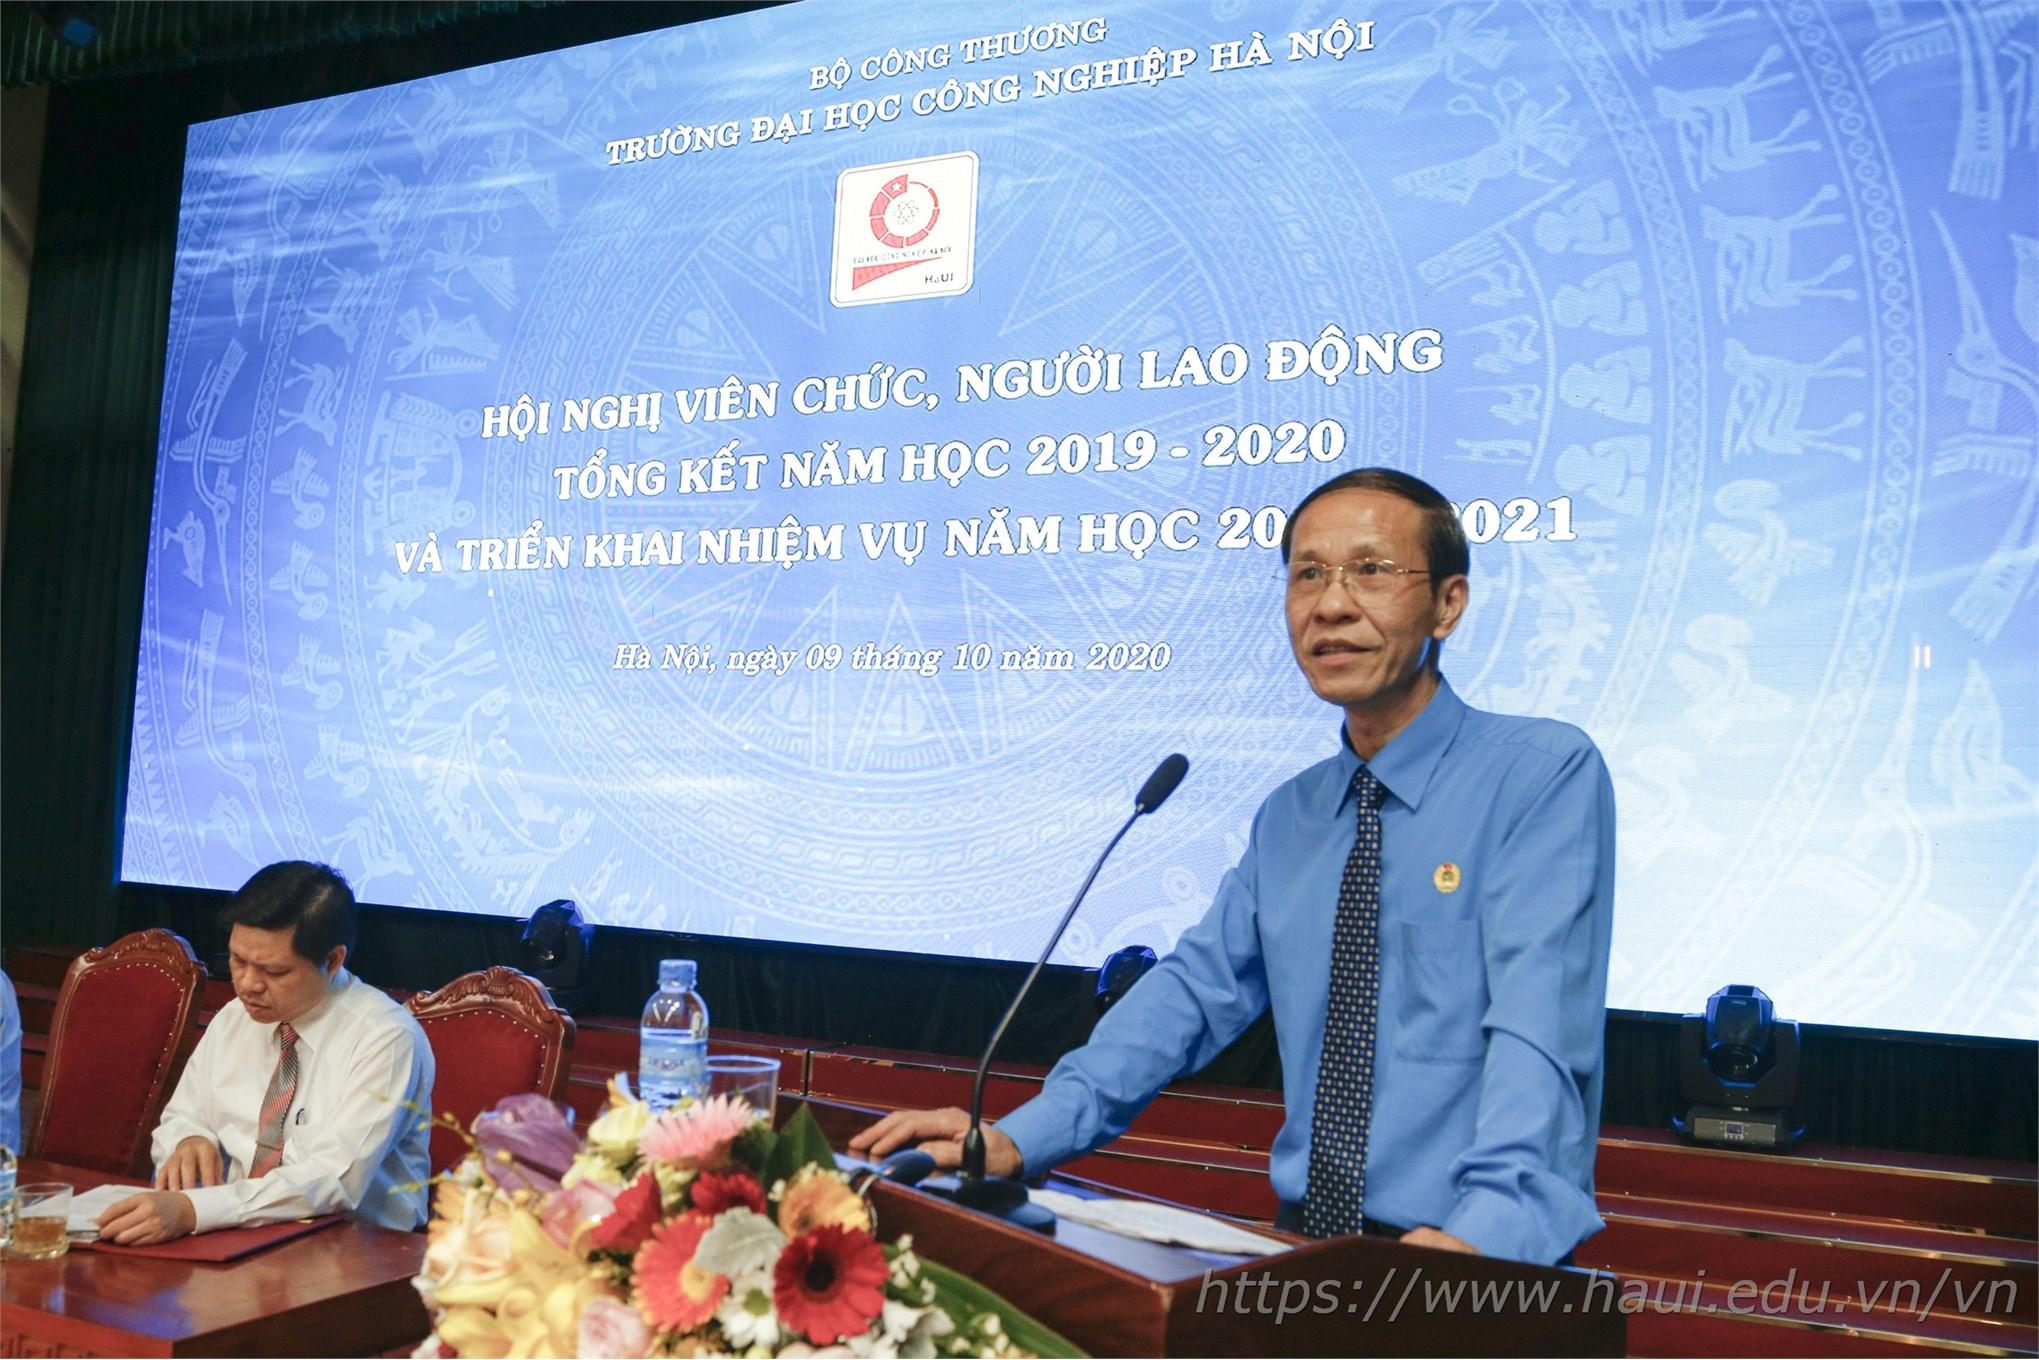 Ông Vũ Trường Sơn – Phó Chủ tịch Công đoàn Công thương Việt Nam phát biểu tại Hội nghị